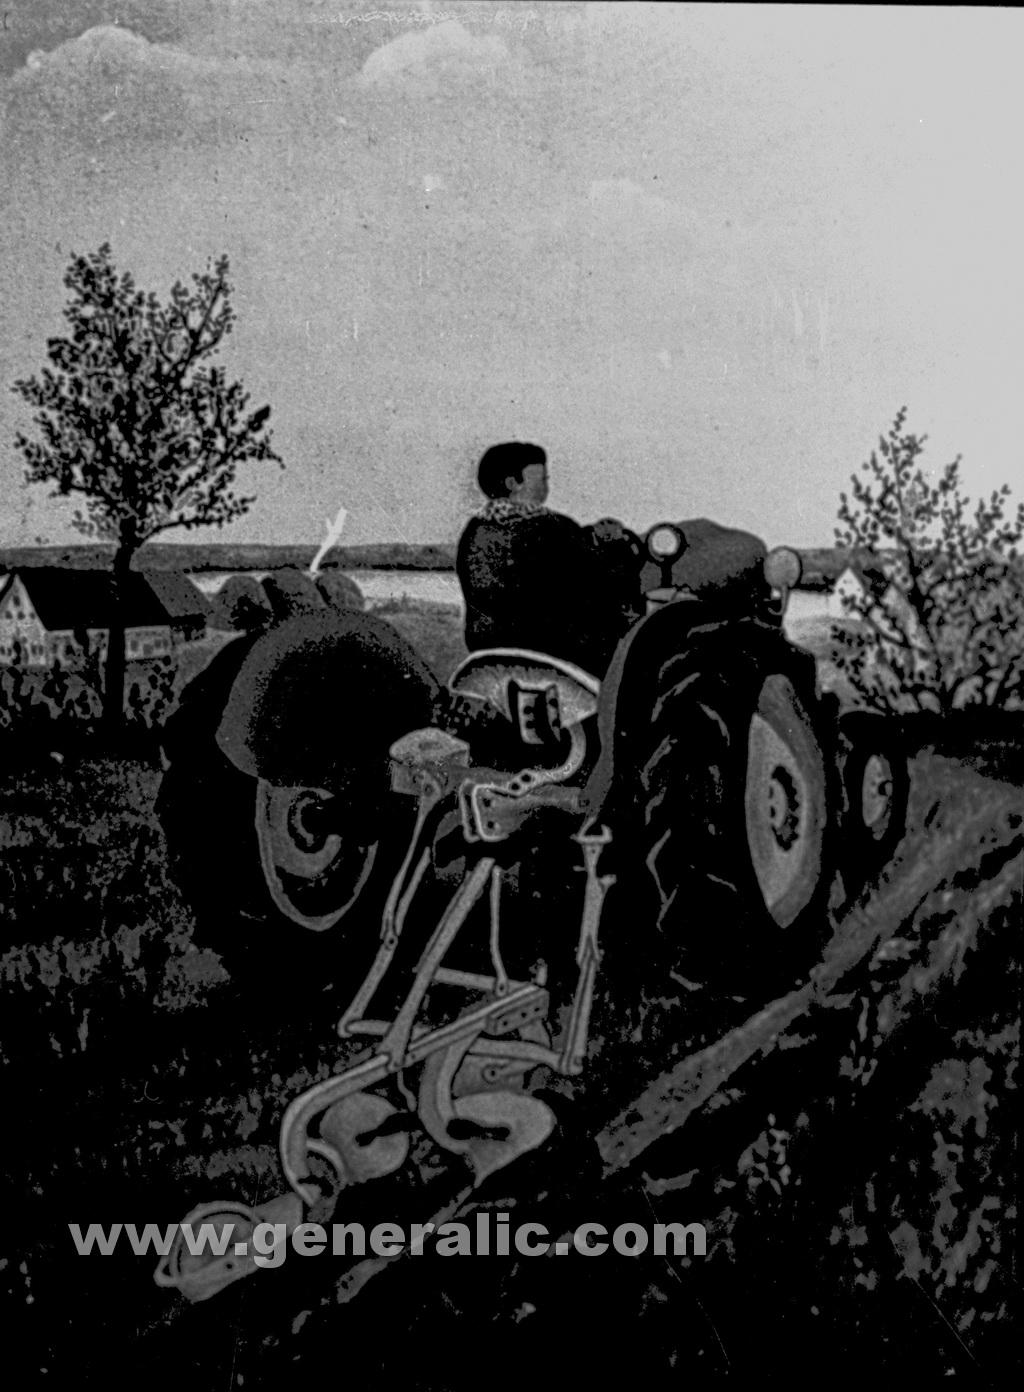 Josip Generalic, 1958, Plowing, oil on canvas